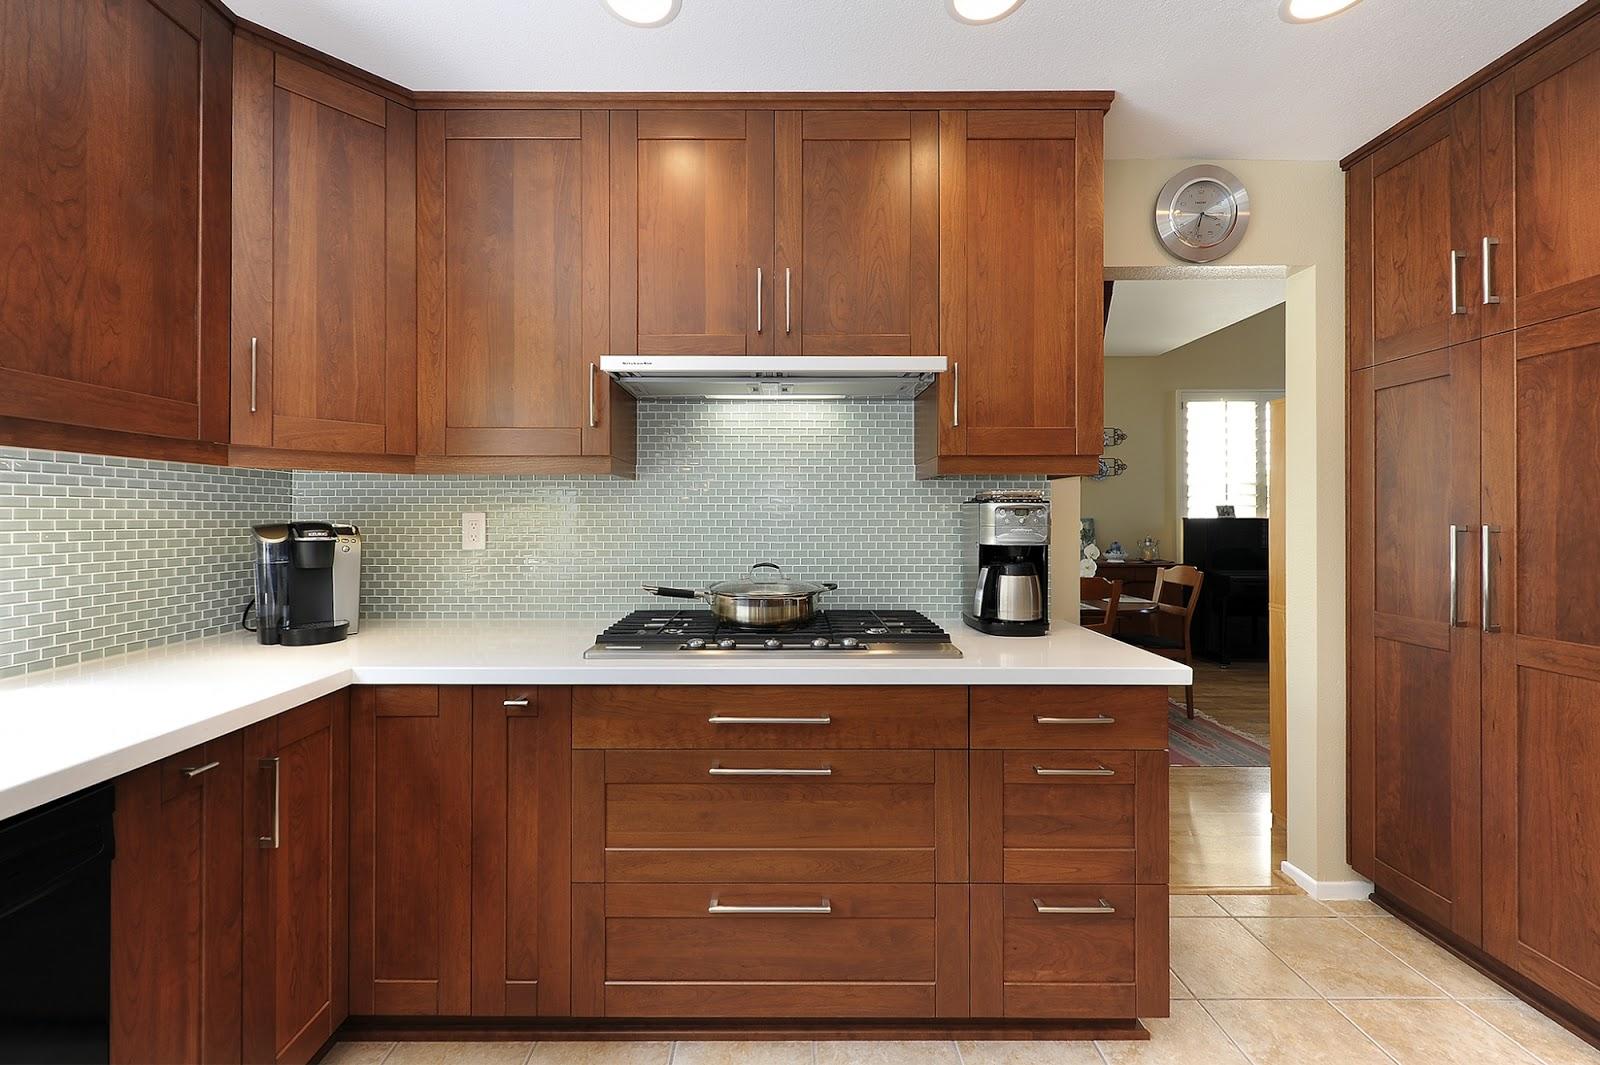 Baca ini sebelum membeli atau membuat kitchen set 20 for Cara bikin kitchen set